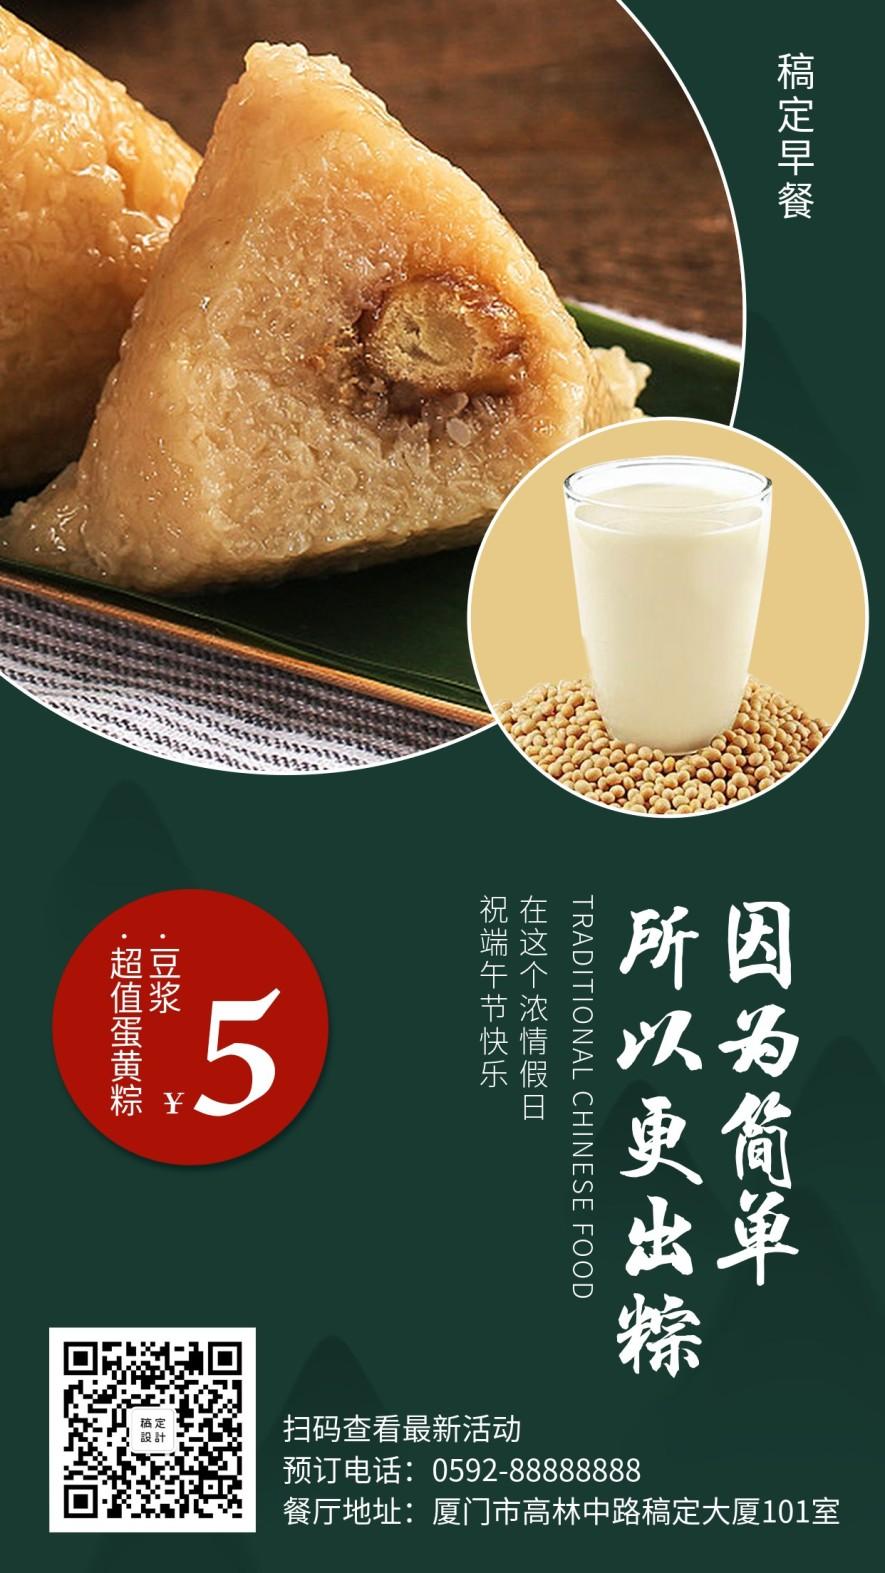 端午/粽子促销/手机海报